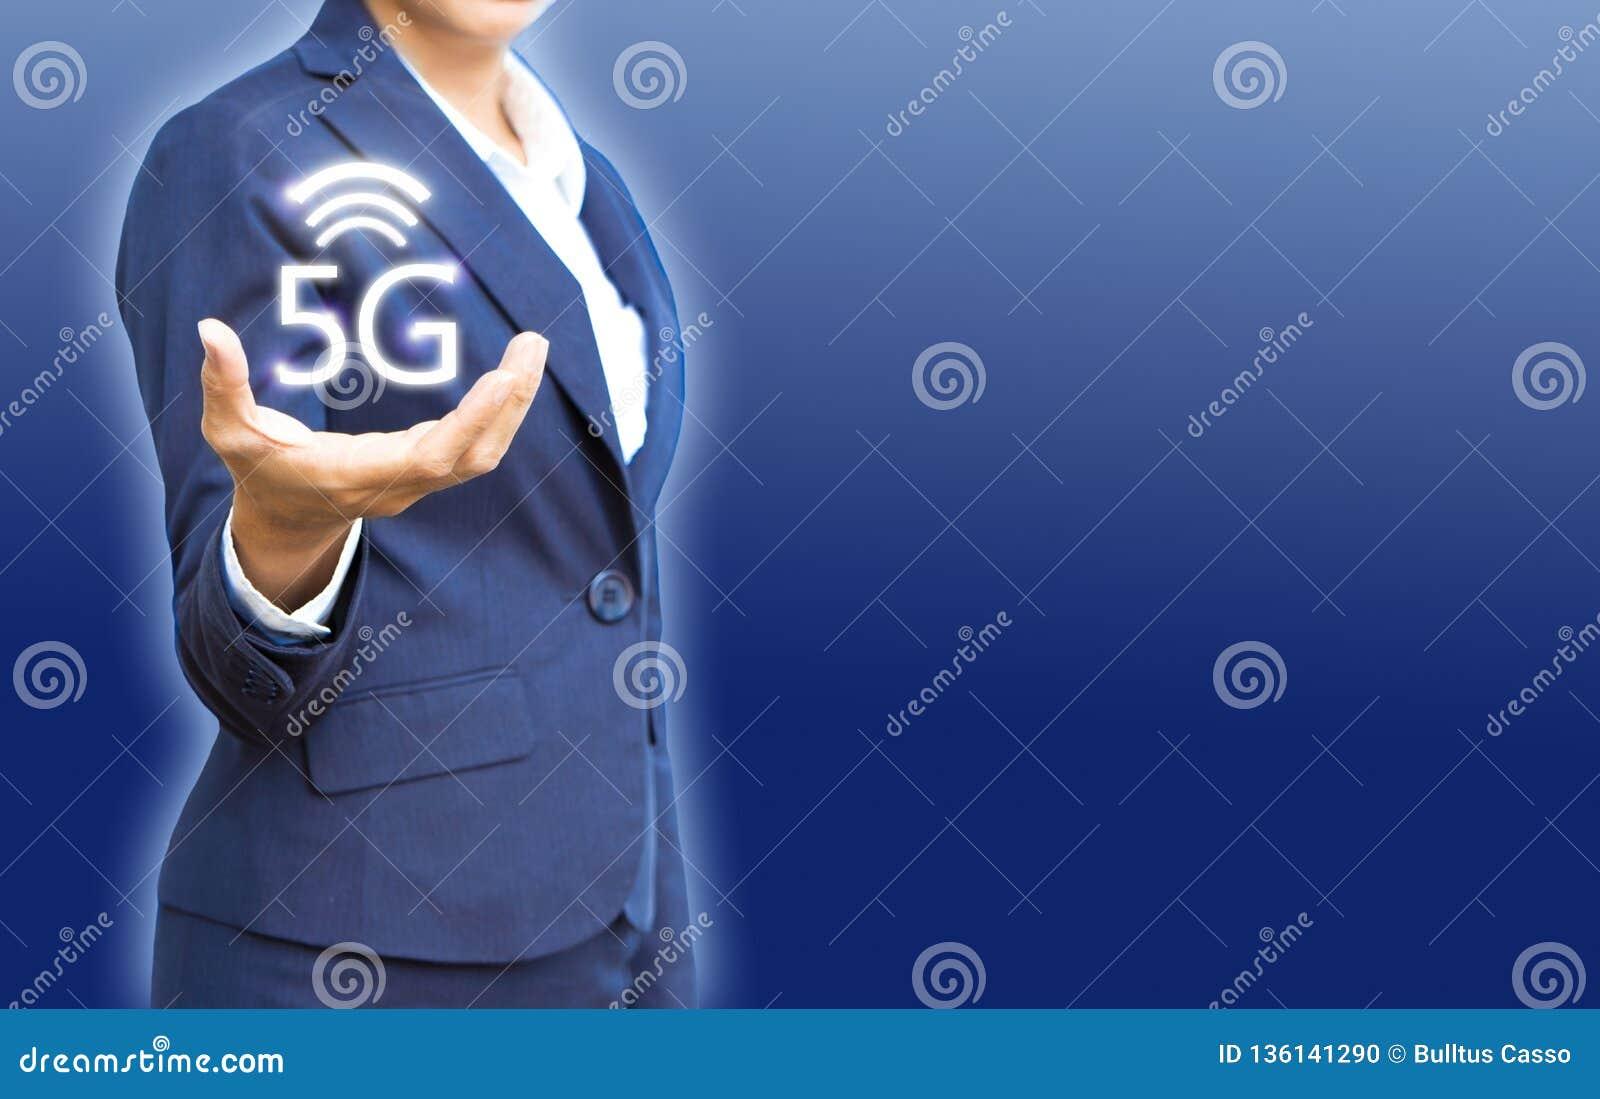 Drahtlose Netzwerke 5G in den Geschäftsleuten übergeben Show für neue Verbindungen mit Kopienraum